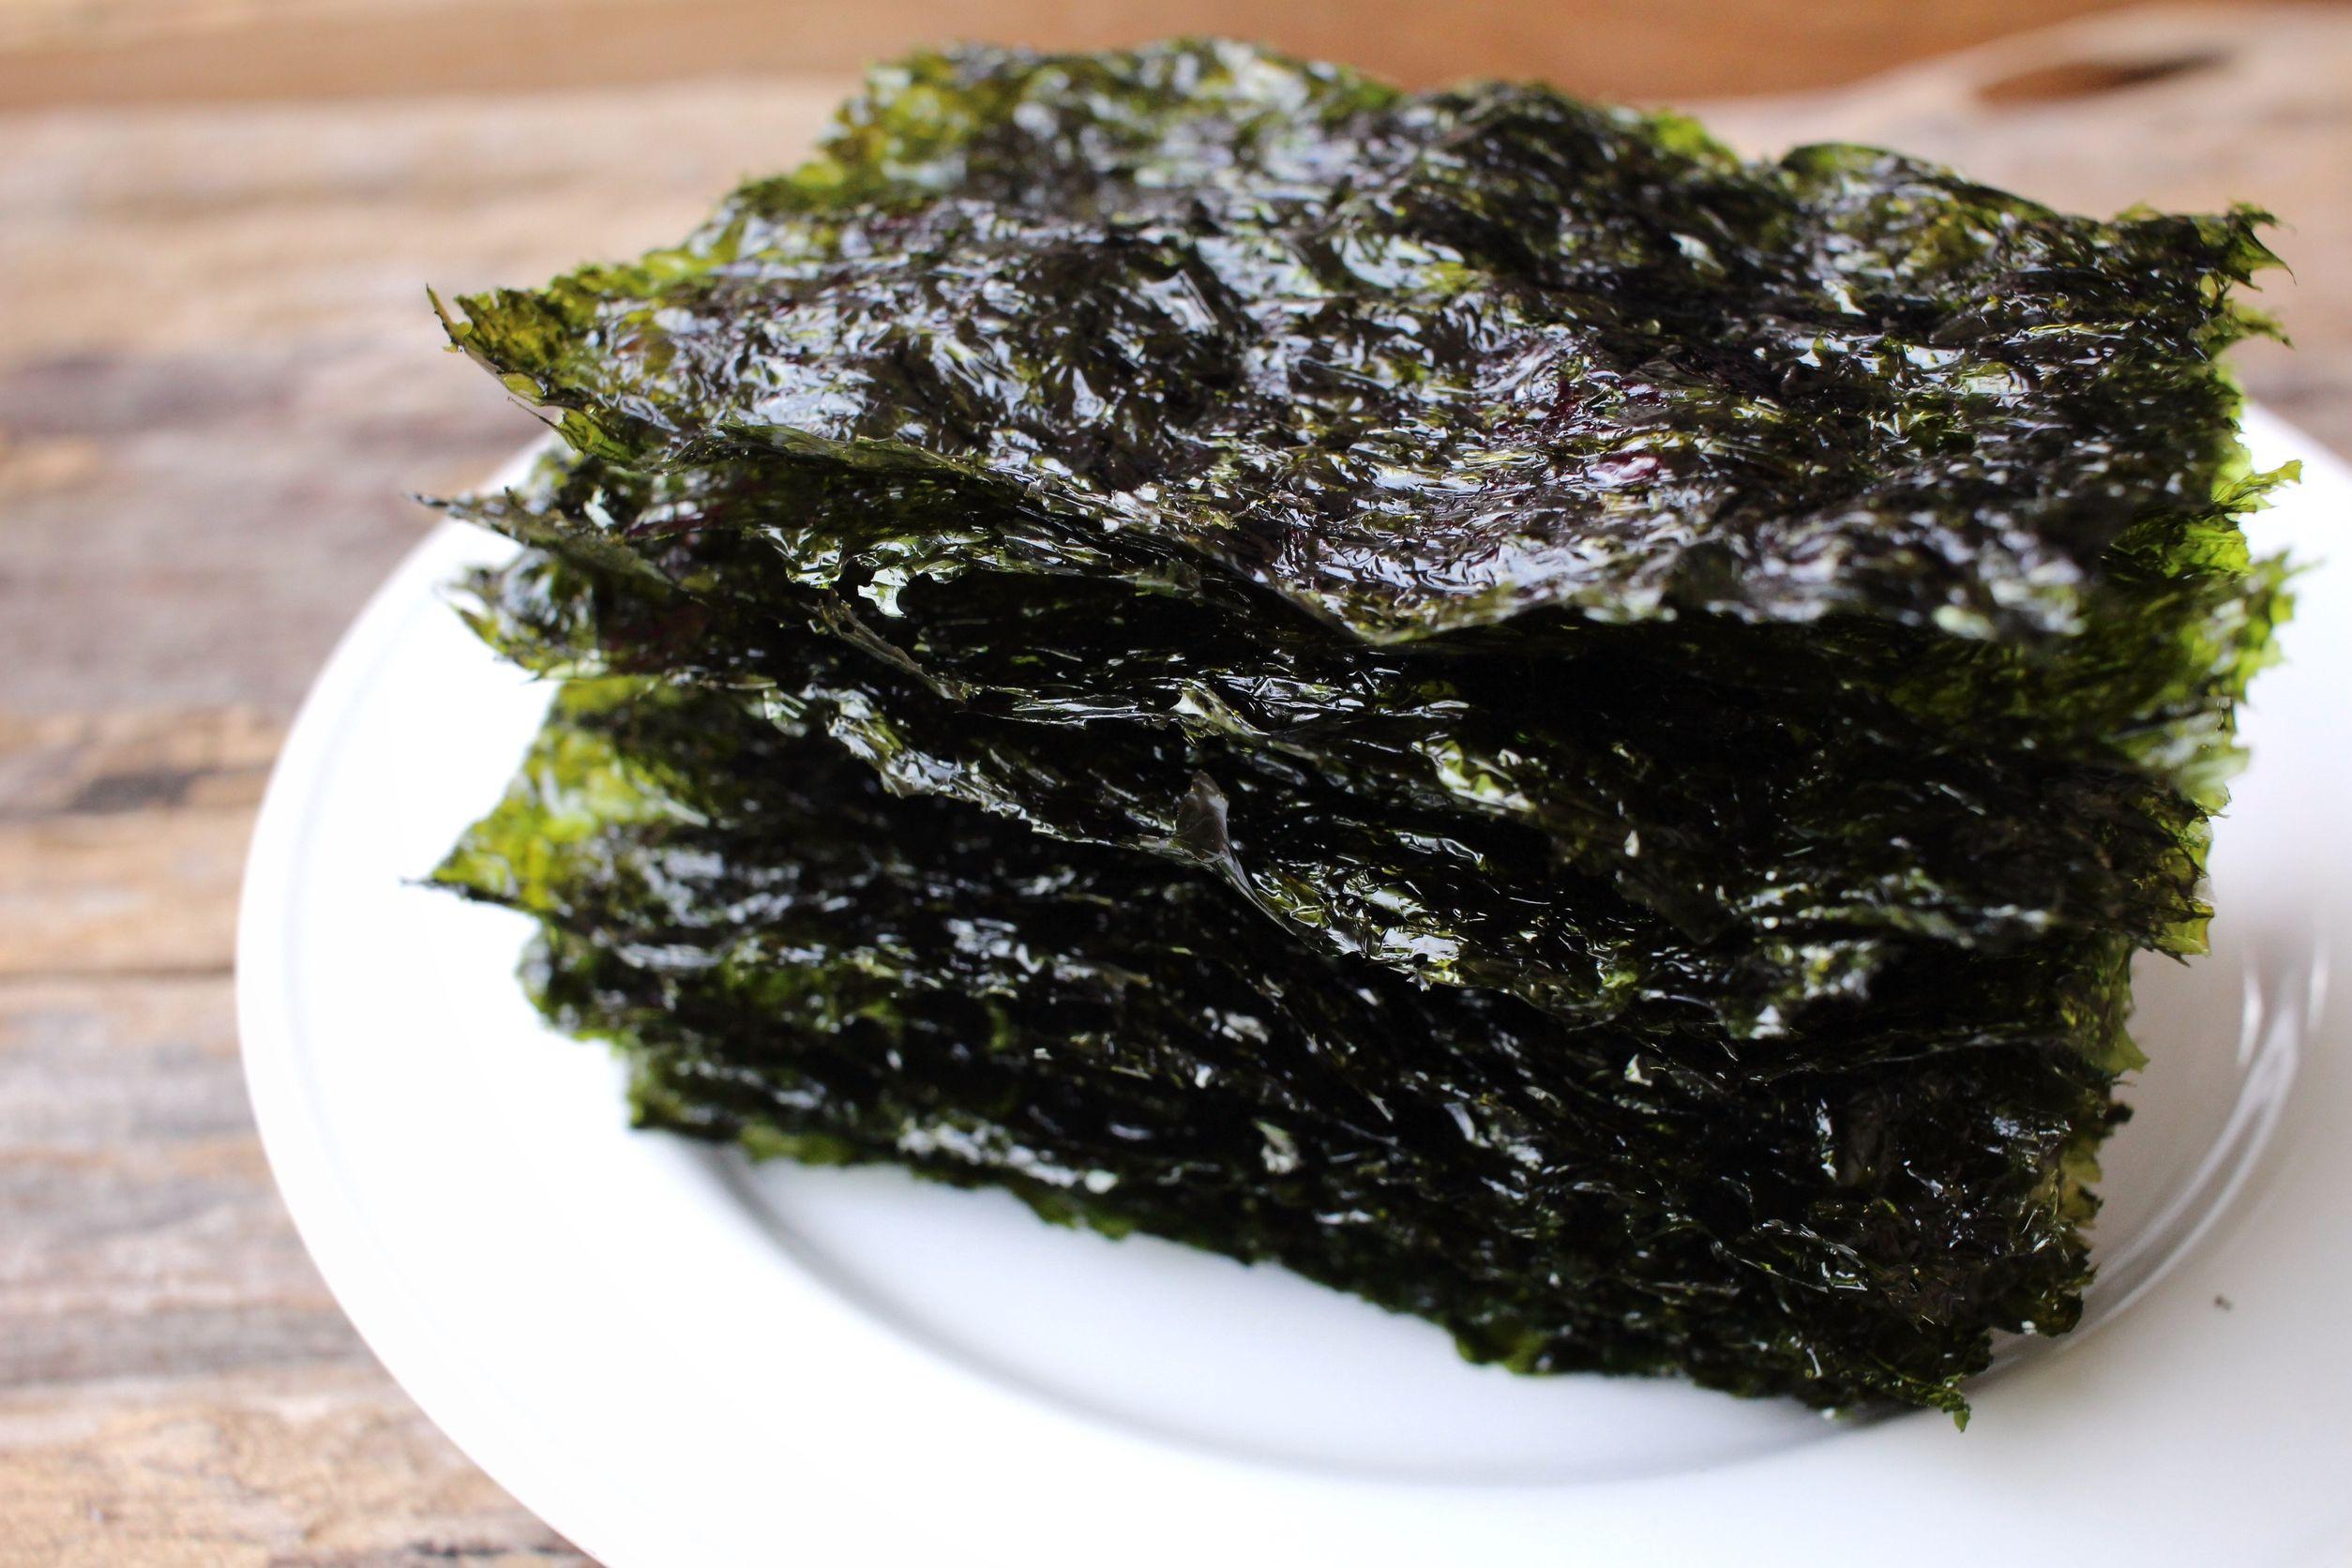 Seaweed Snacks Healthy  20 Top Health Benefits of Roasted Seaweed 1 Healthy